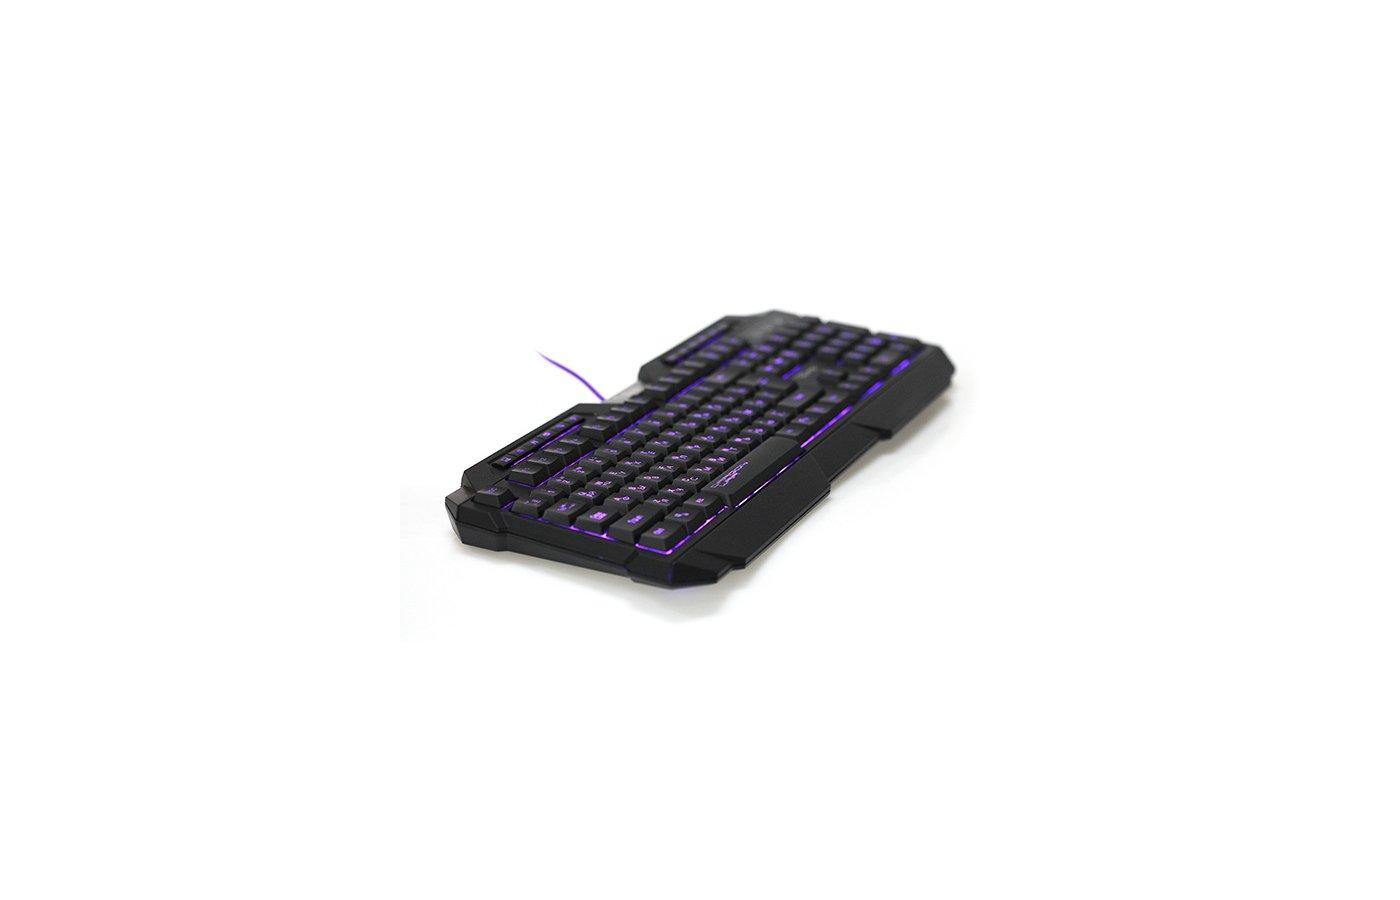 Dragon war fallen клавиатура как сделать